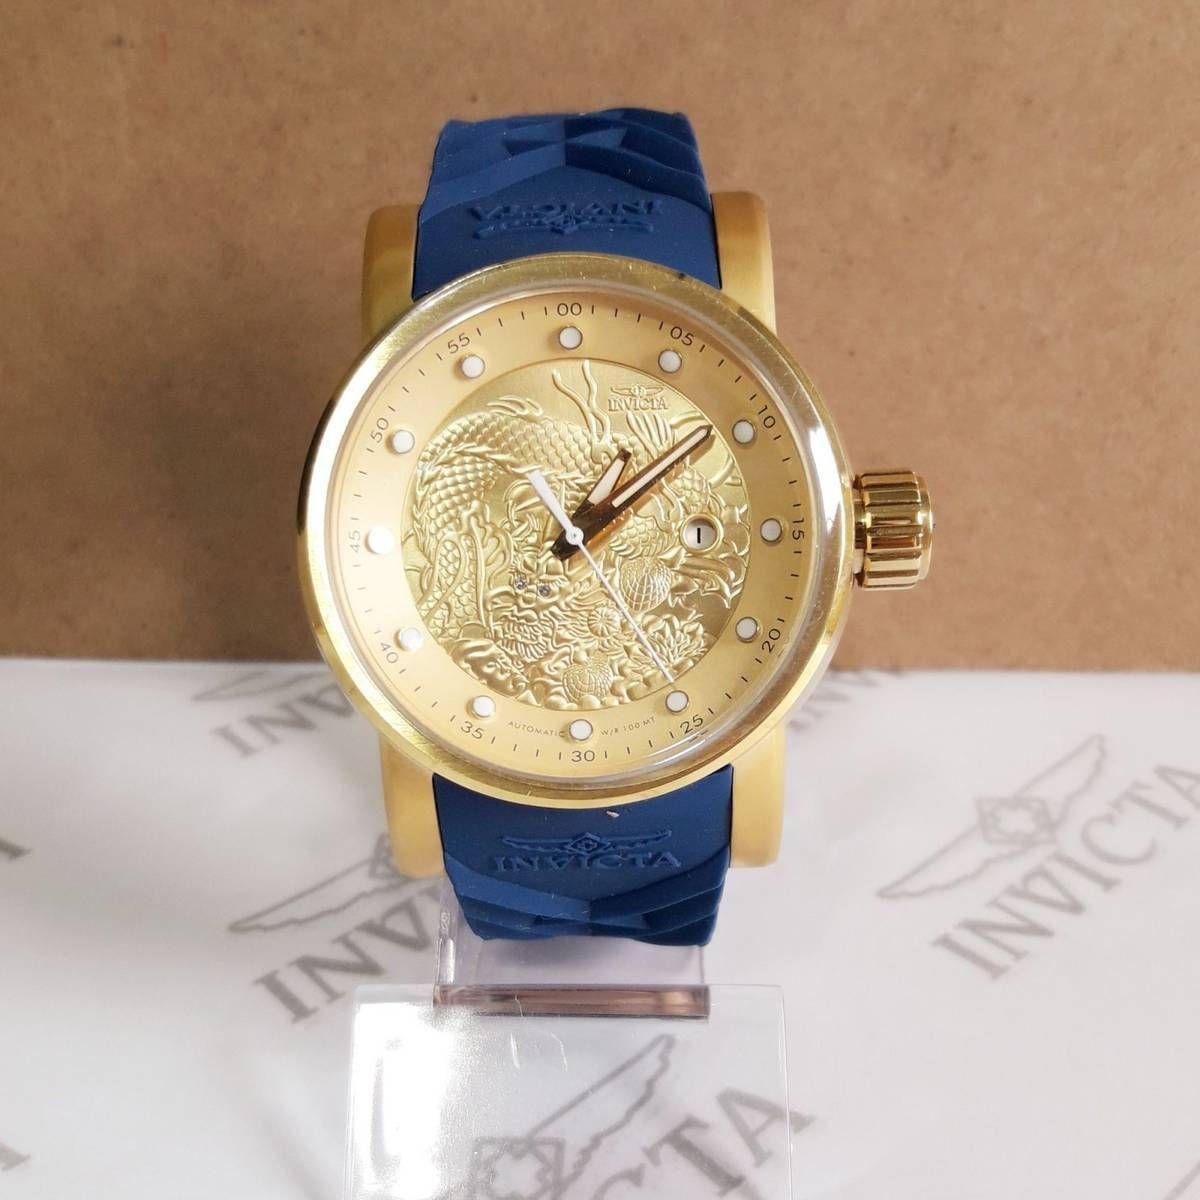 bed5f3a168e Relógio Invicta S1 Yakuza Original Azul com Dourado Saldão